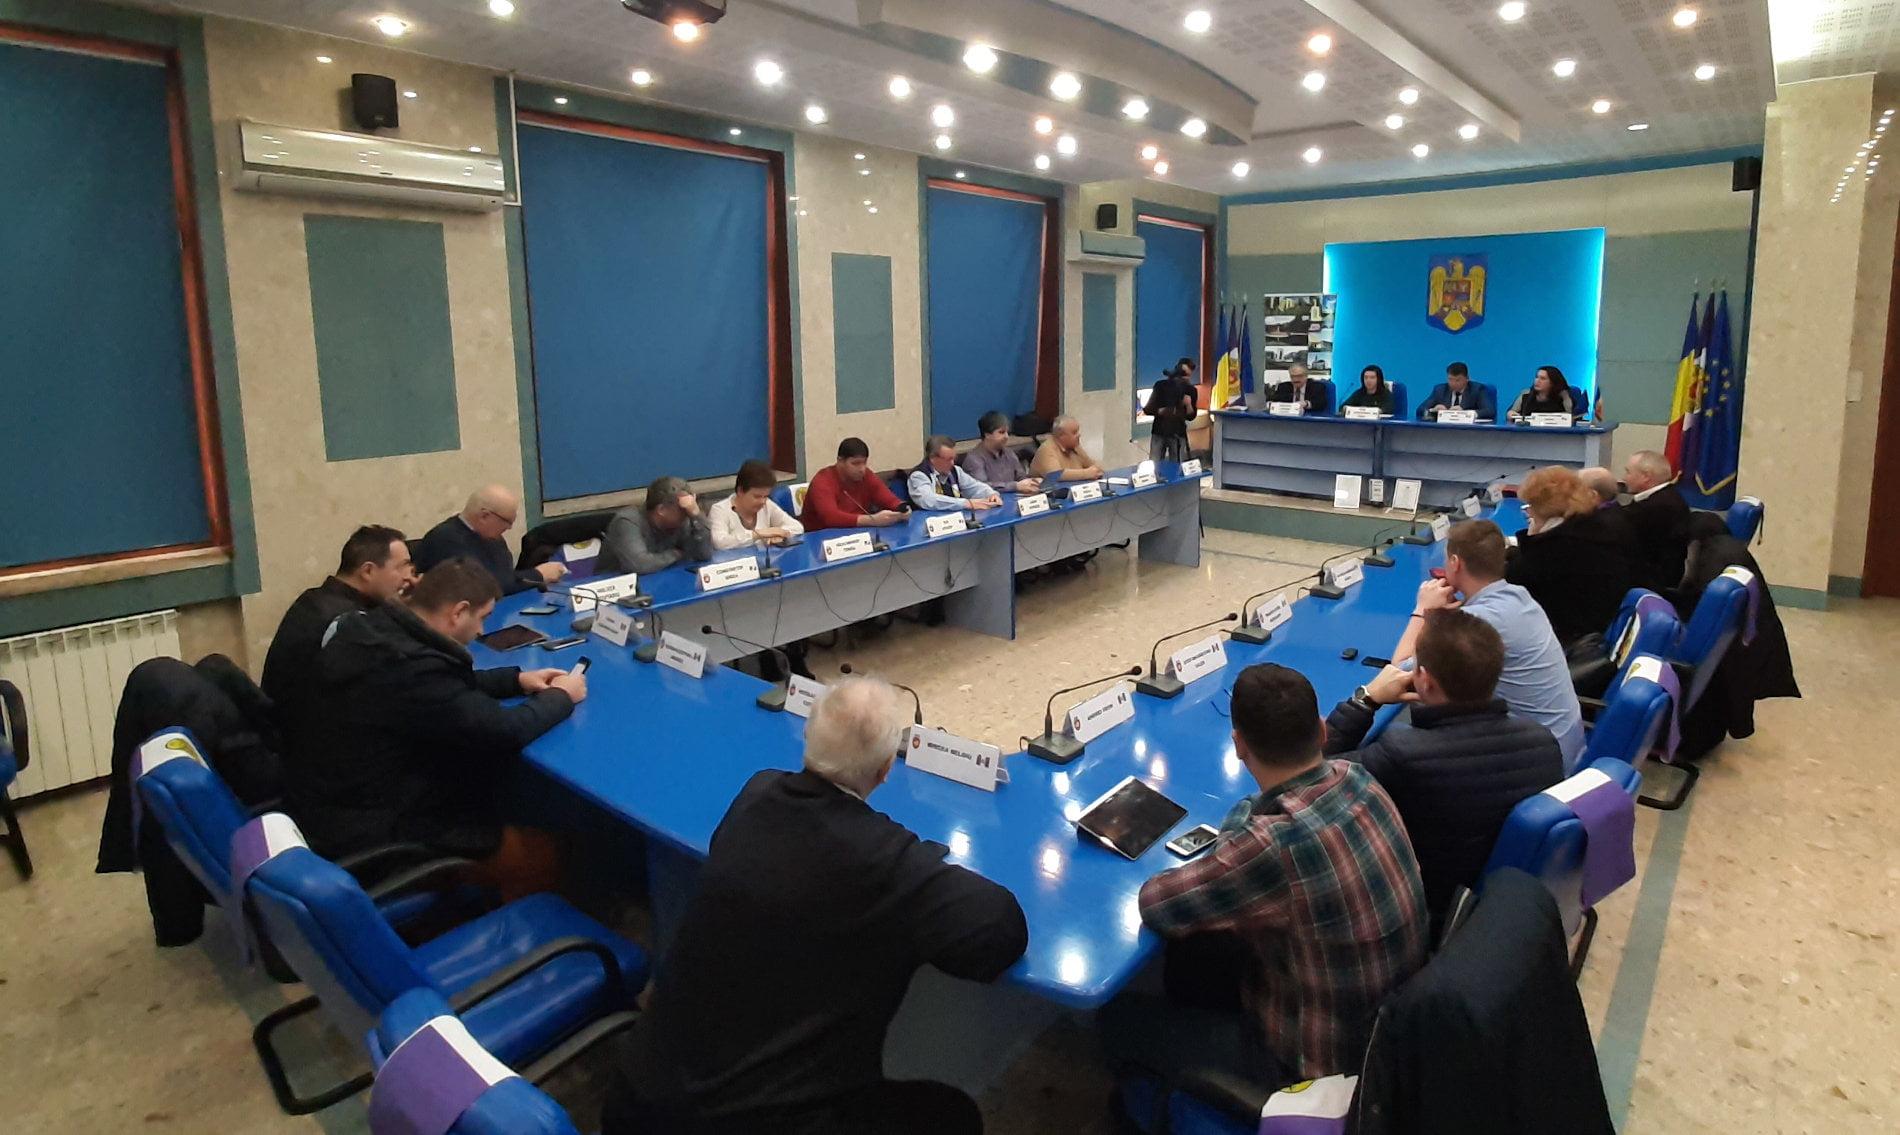 Decizie fără precedent: Romanul renunță la operatorul de apă ApaServ pentru ApaVital Iași